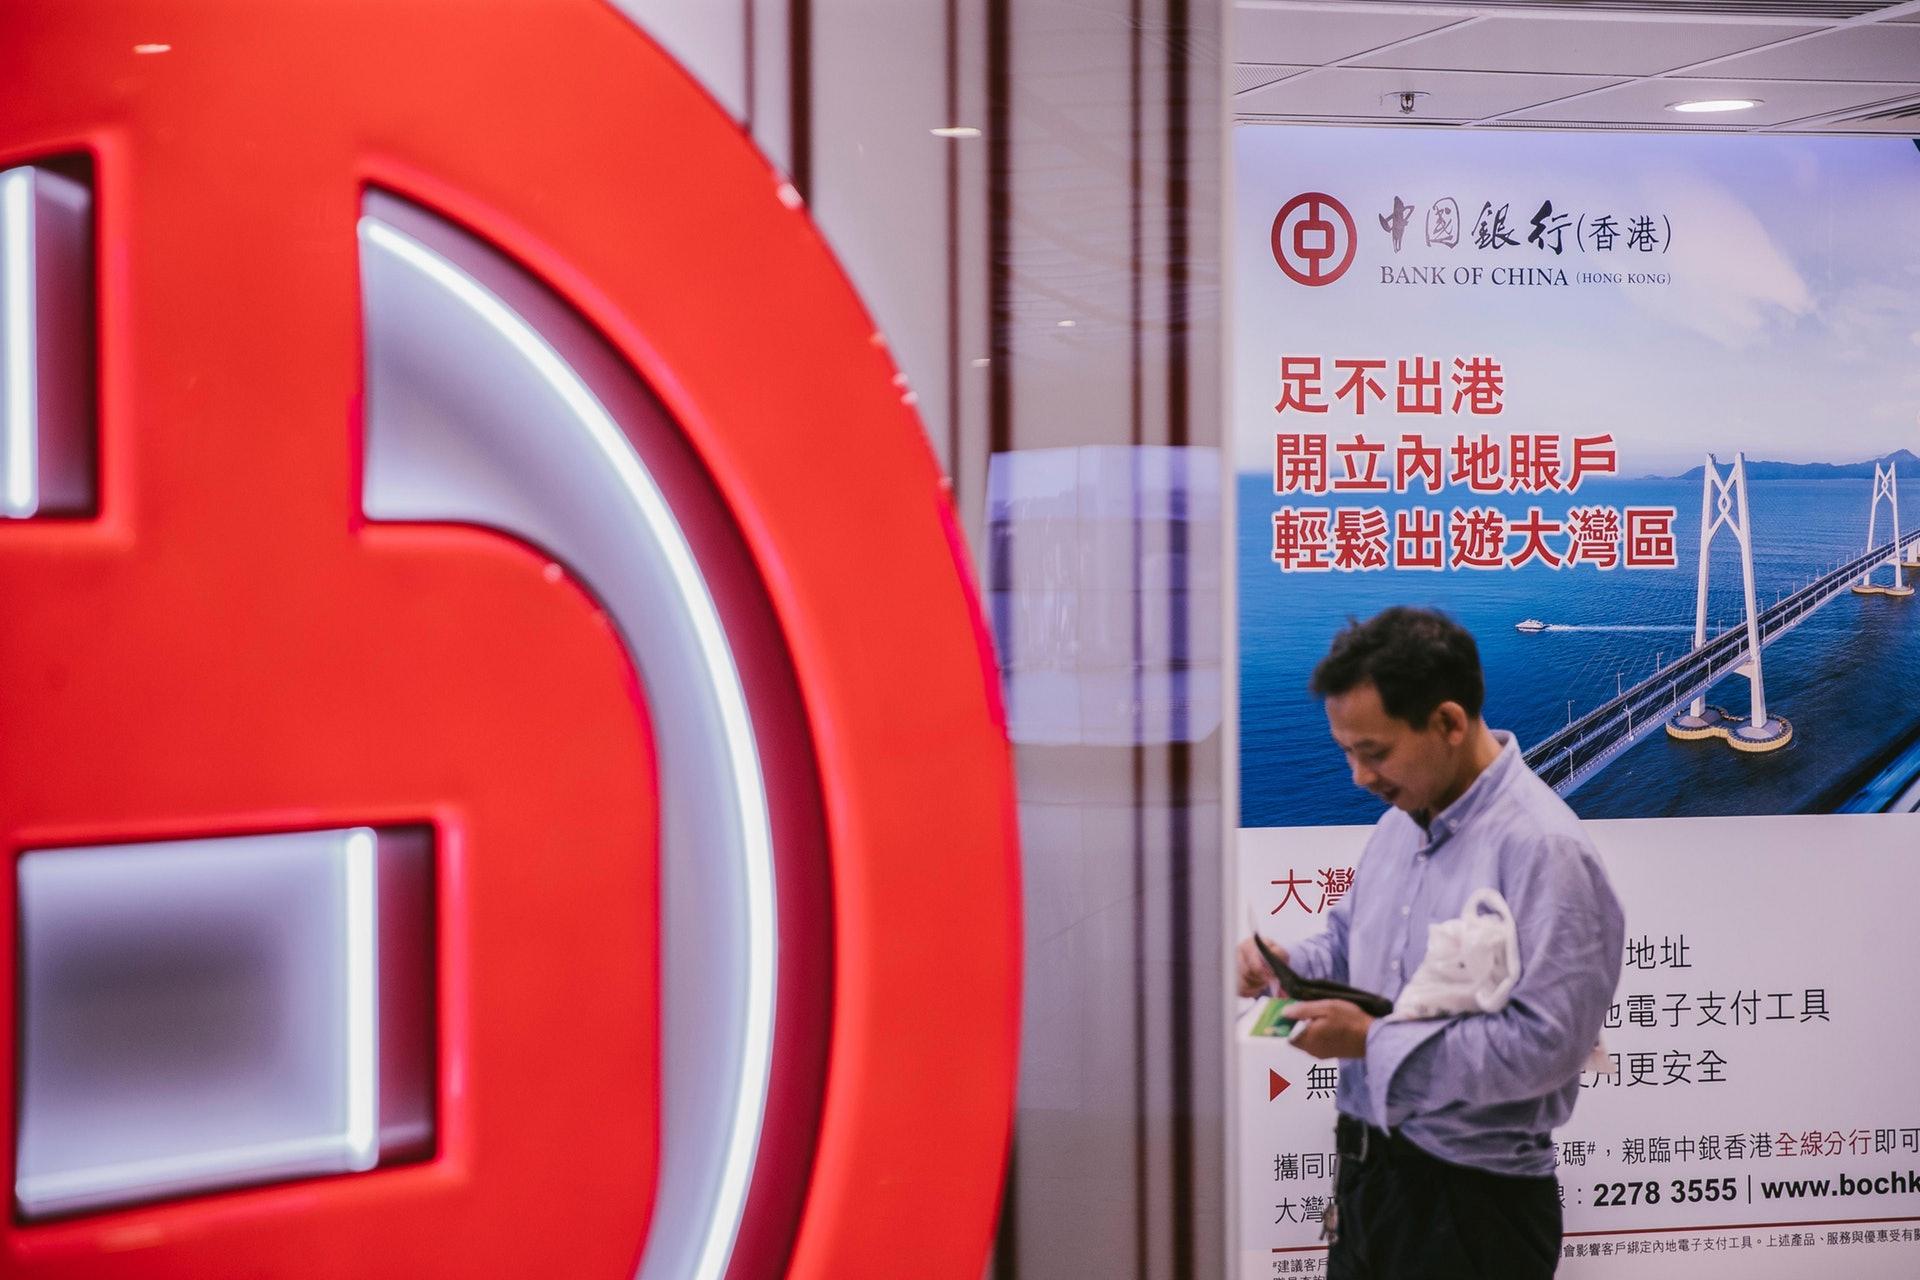 中銀香港昨日率先推出多項措施減輕客戶負擔,包括容許按揭貸款客戶最長1年時間,還息不還本。(資料圖片)